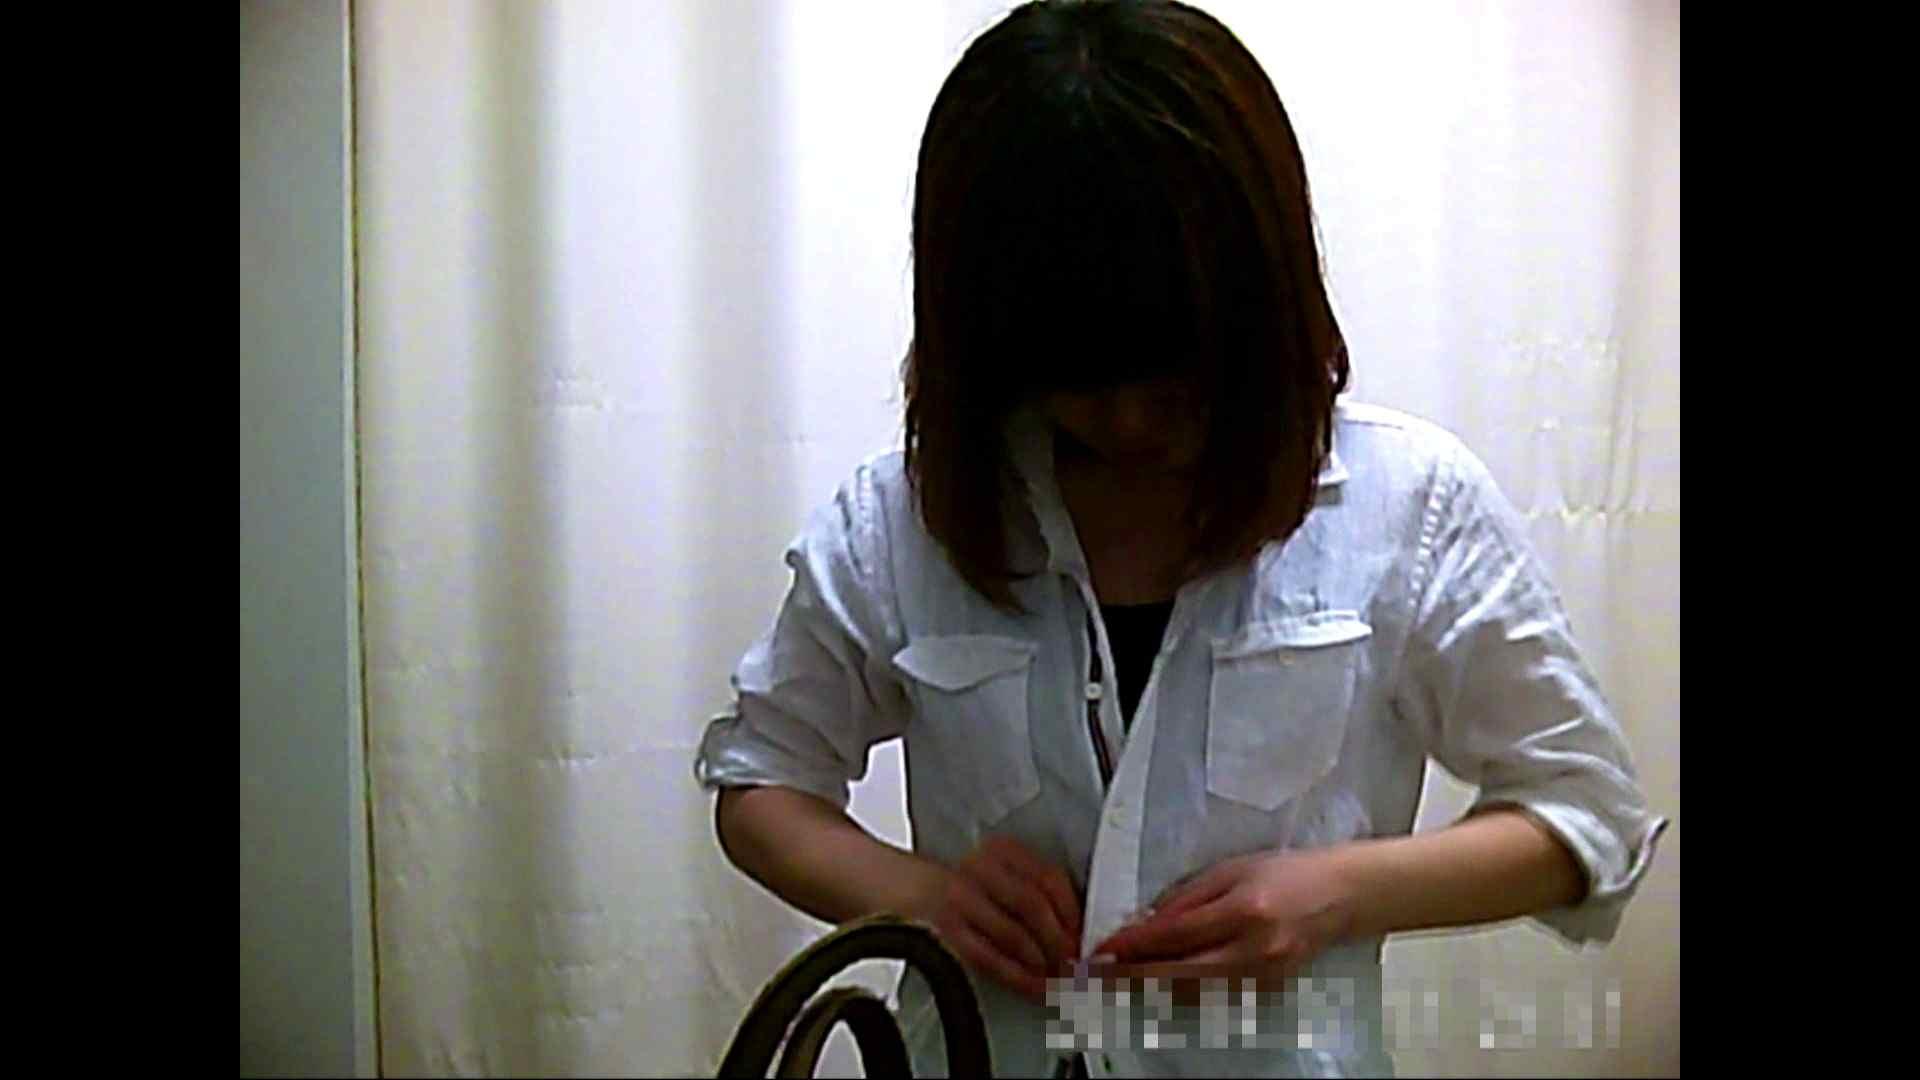 元医者による反抗 更衣室地獄絵巻 vol.004 OL  94pic 32